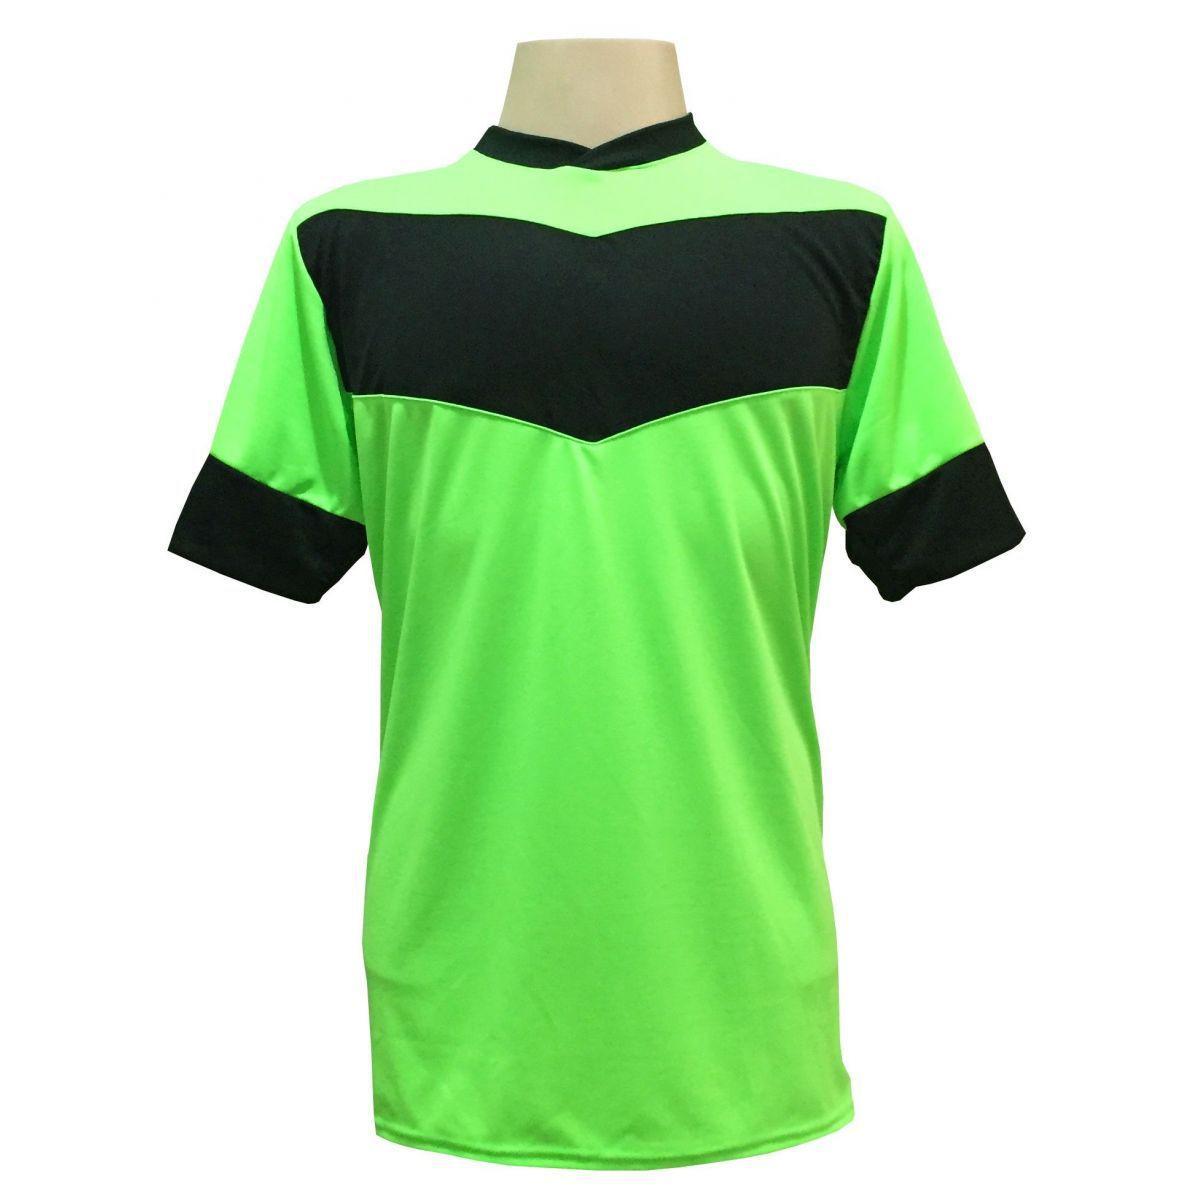 e62e57d1 Uniforme Esportivo com 18 camisas modelo Columbus Limão/Preto + 18 calções  modelo Madrid + 1 Goleiro + Brindes - Gazza - Uniforme de Futebol -  Magazine ...